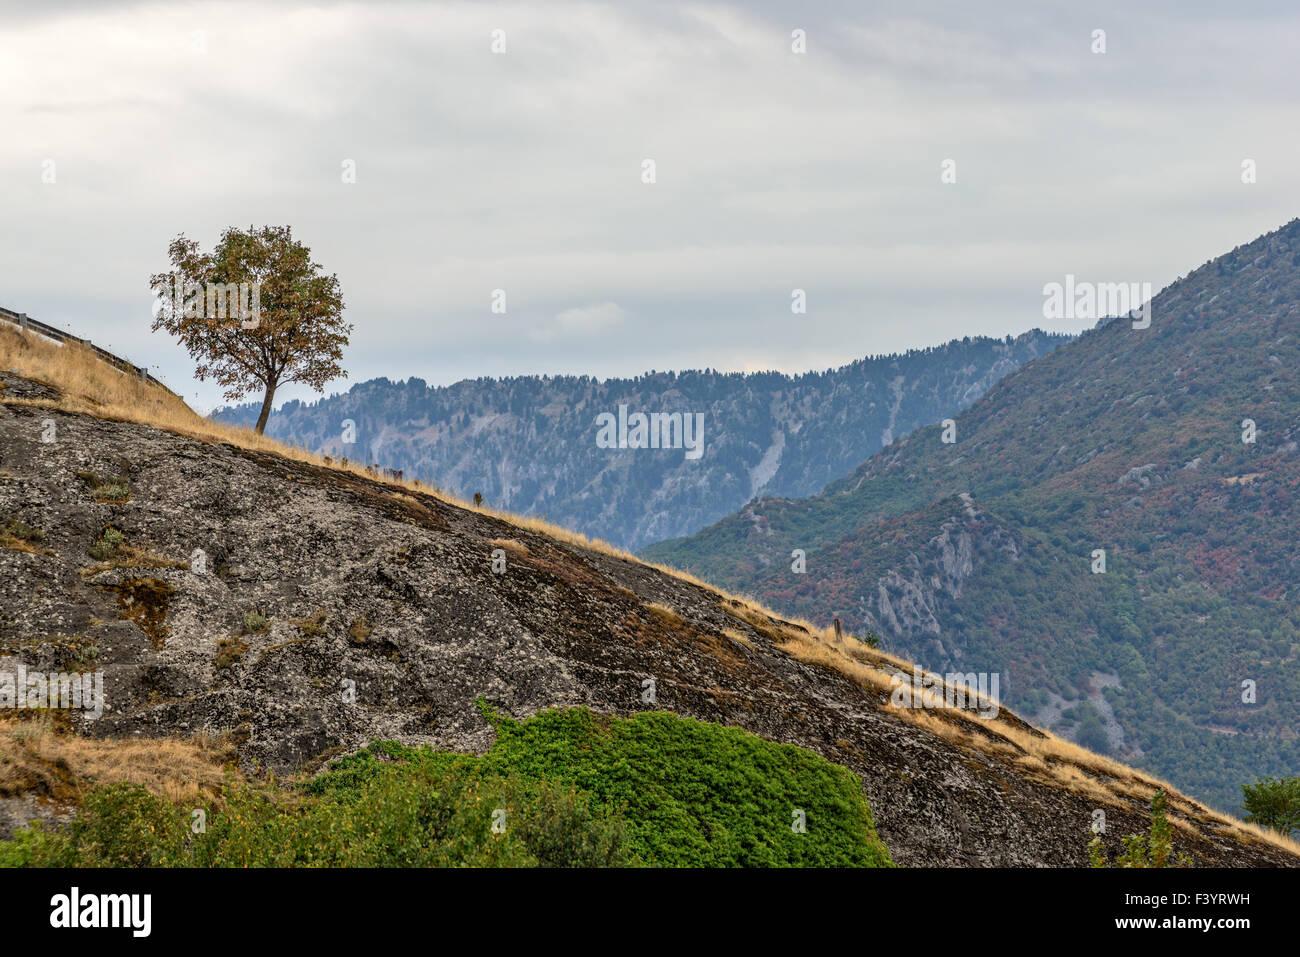 Lonely tree sur le versant des montagnes rocheuses Banque D'Images